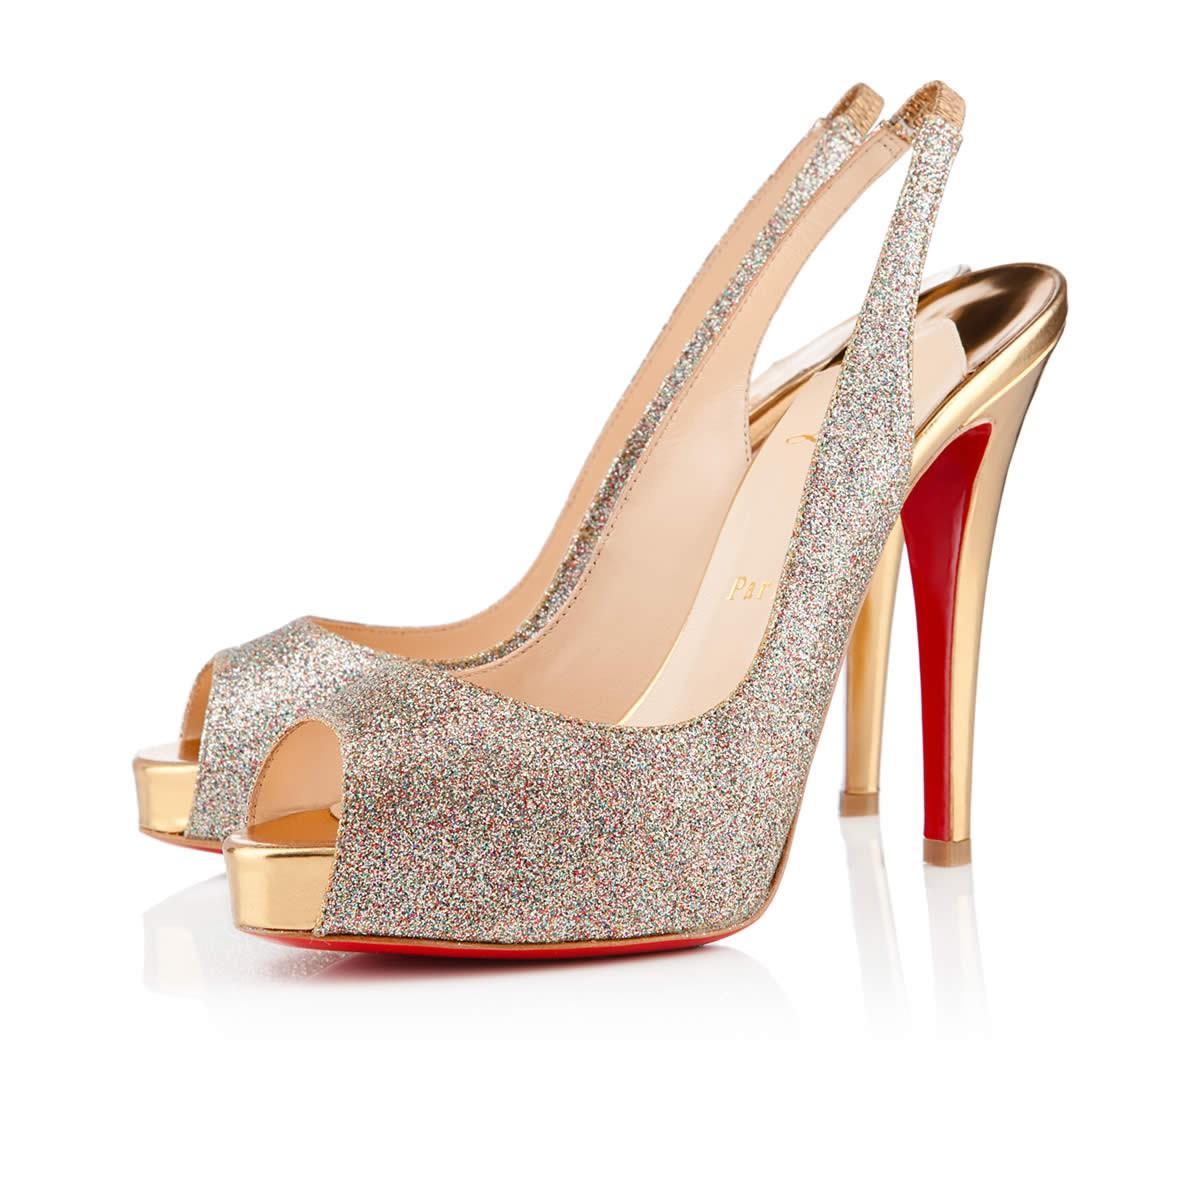 laboutin bridal shoes photo - 1